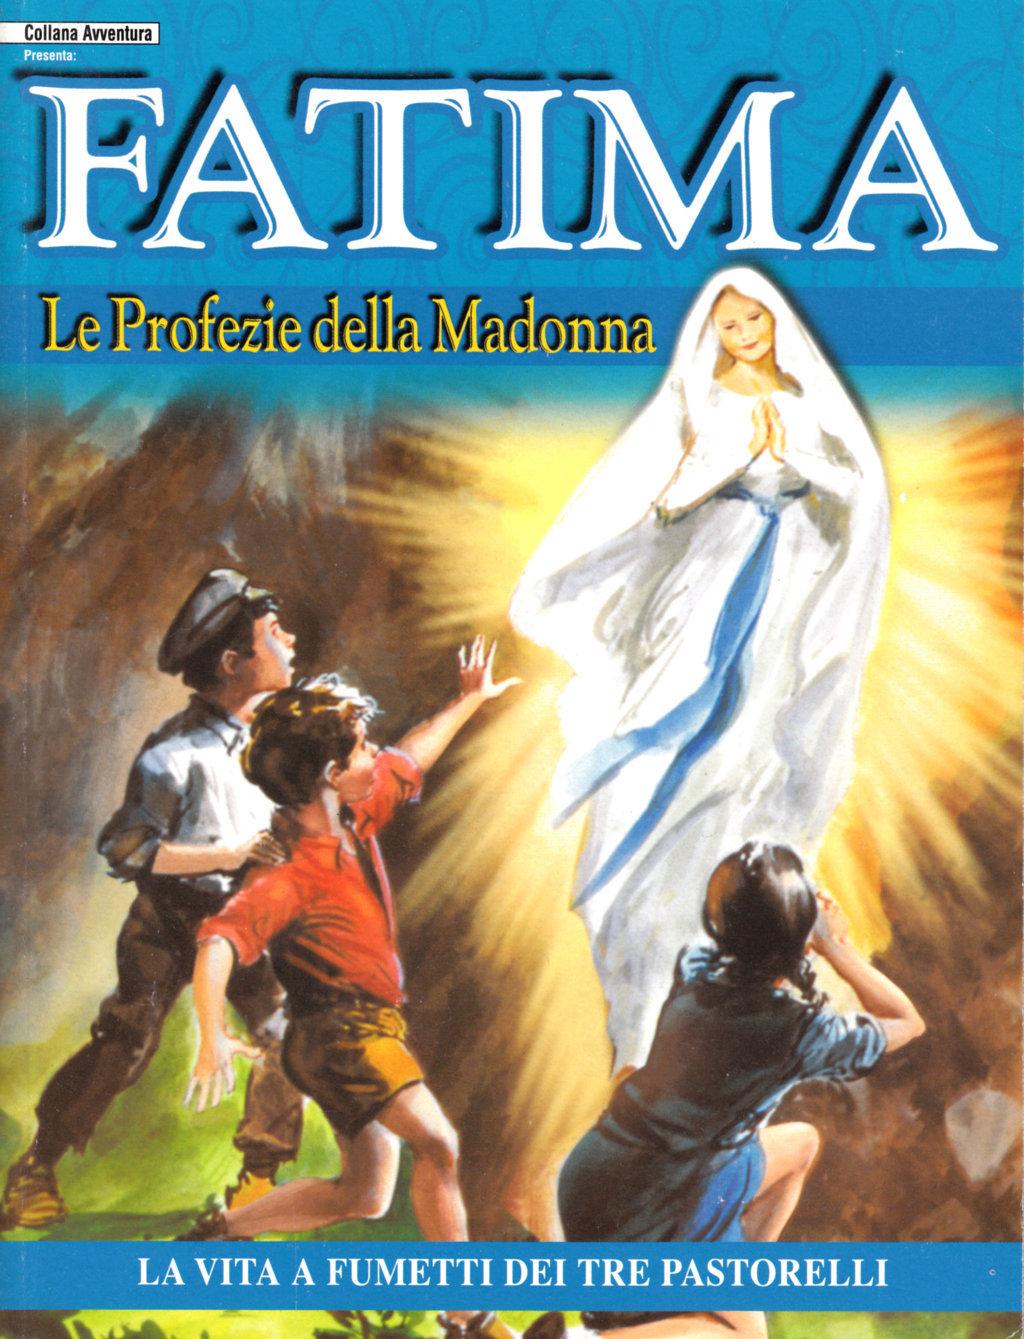 Fatima: Le profezie della Madonna